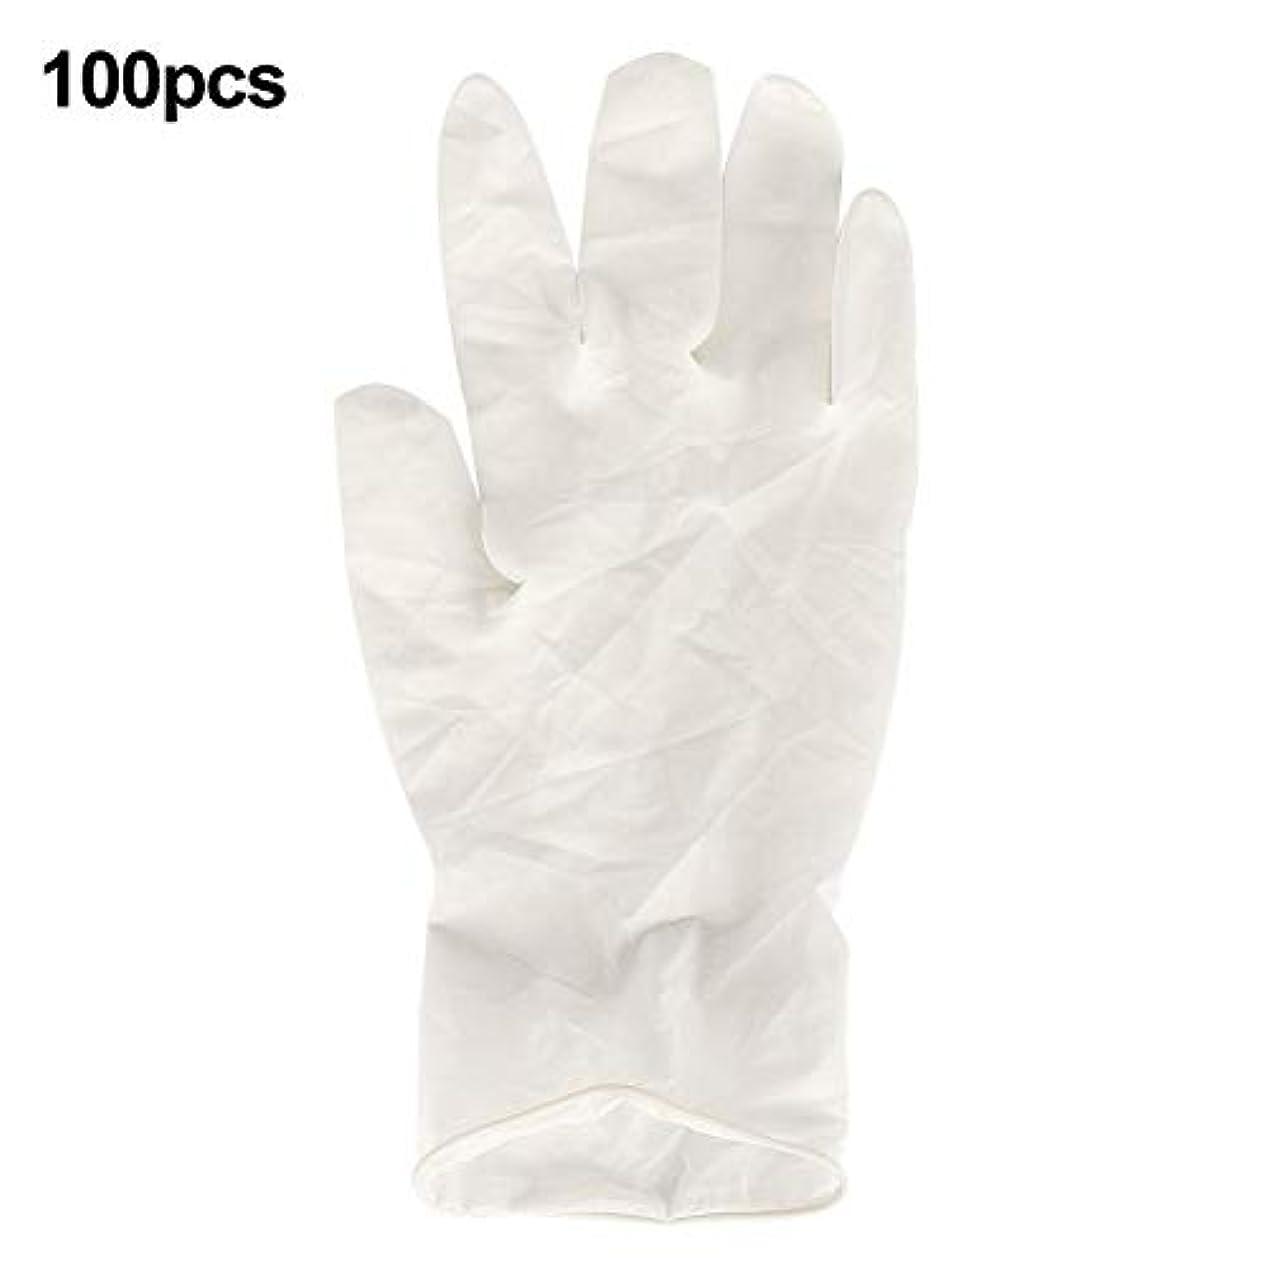 誰でも聞きますデコードするQiilu ラテックス手袋 使い捨て手袋 ゴム手袋 100個(小型)